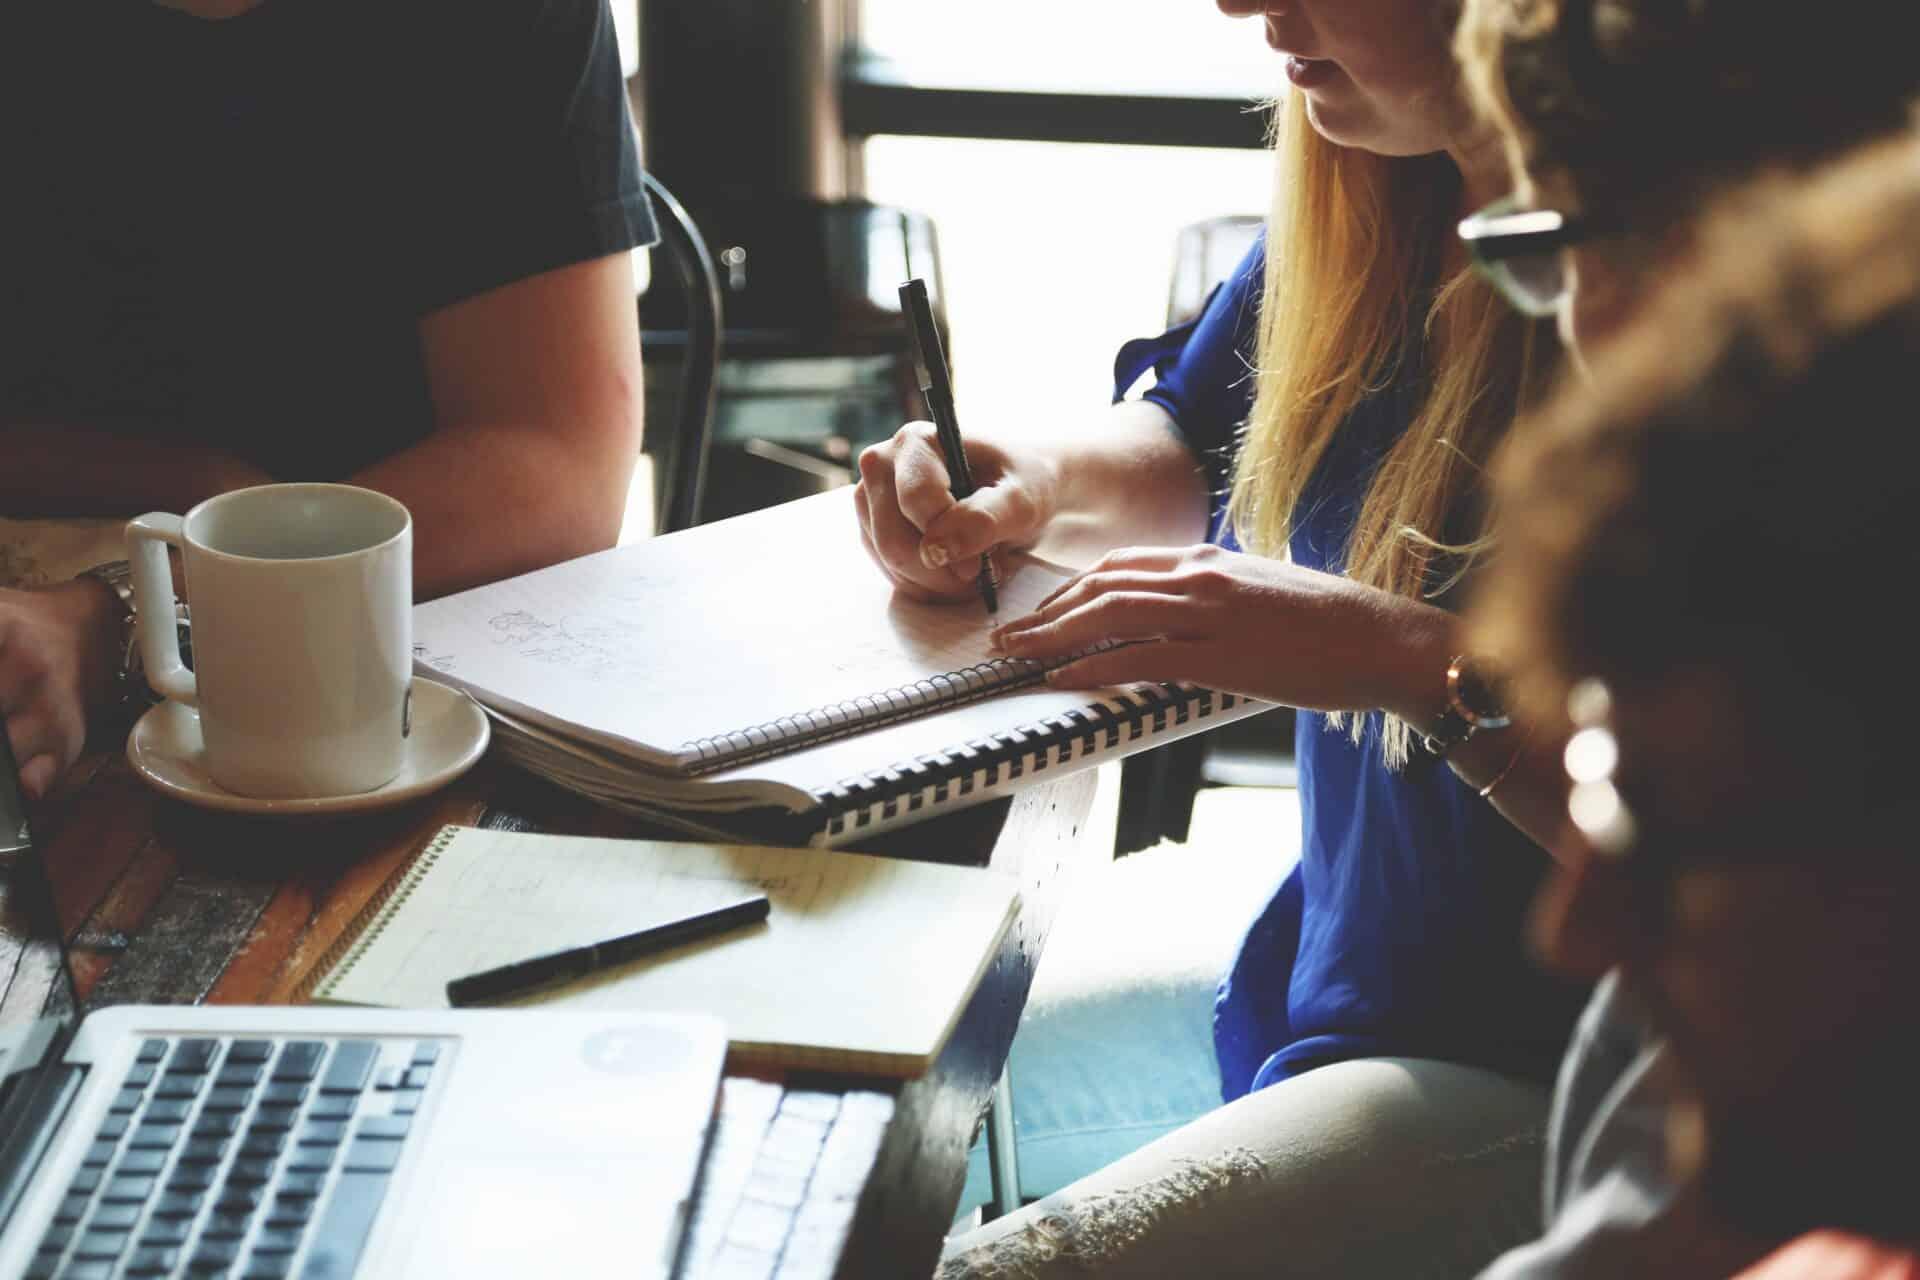 Einen Businessplan zu erstellen ist für viele ein schwieriges Unterfangen